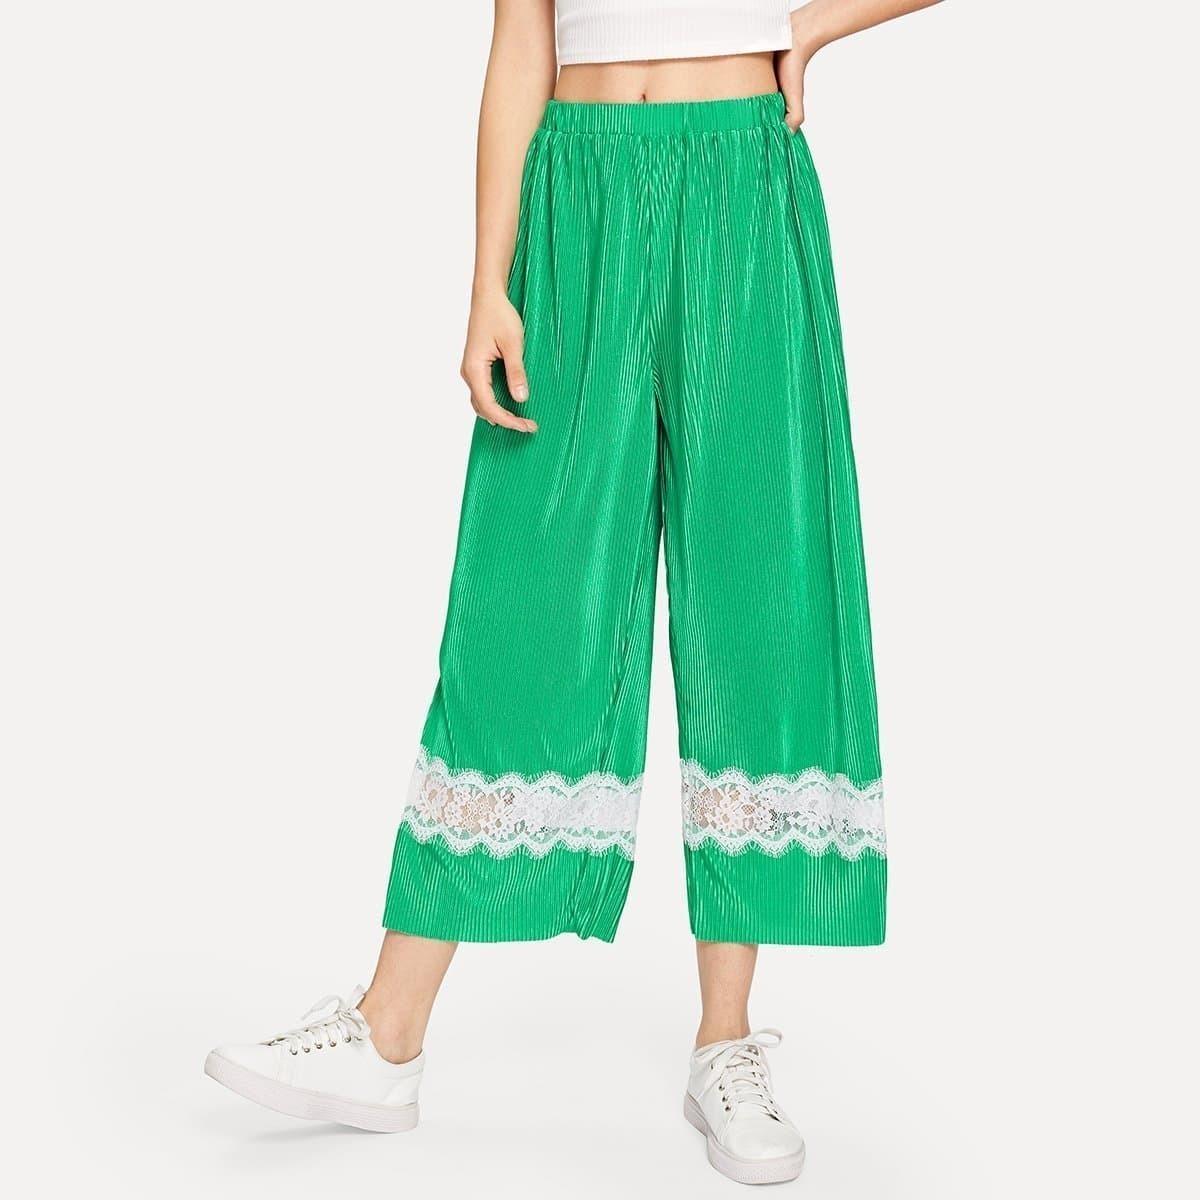 - Contrast Lace Applique Pleated Culotte Pants